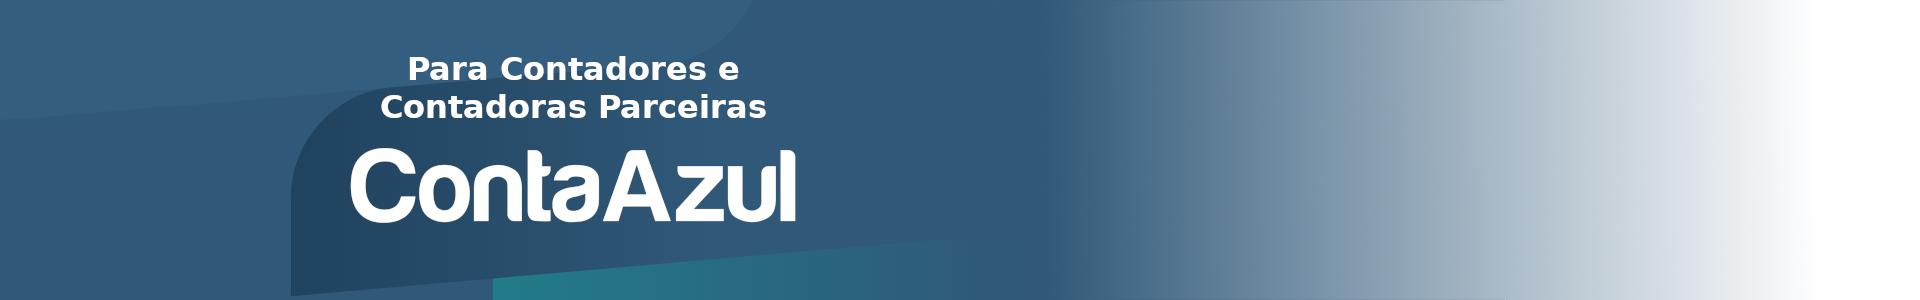 Cursos conta azul contadores banner p 1920x300